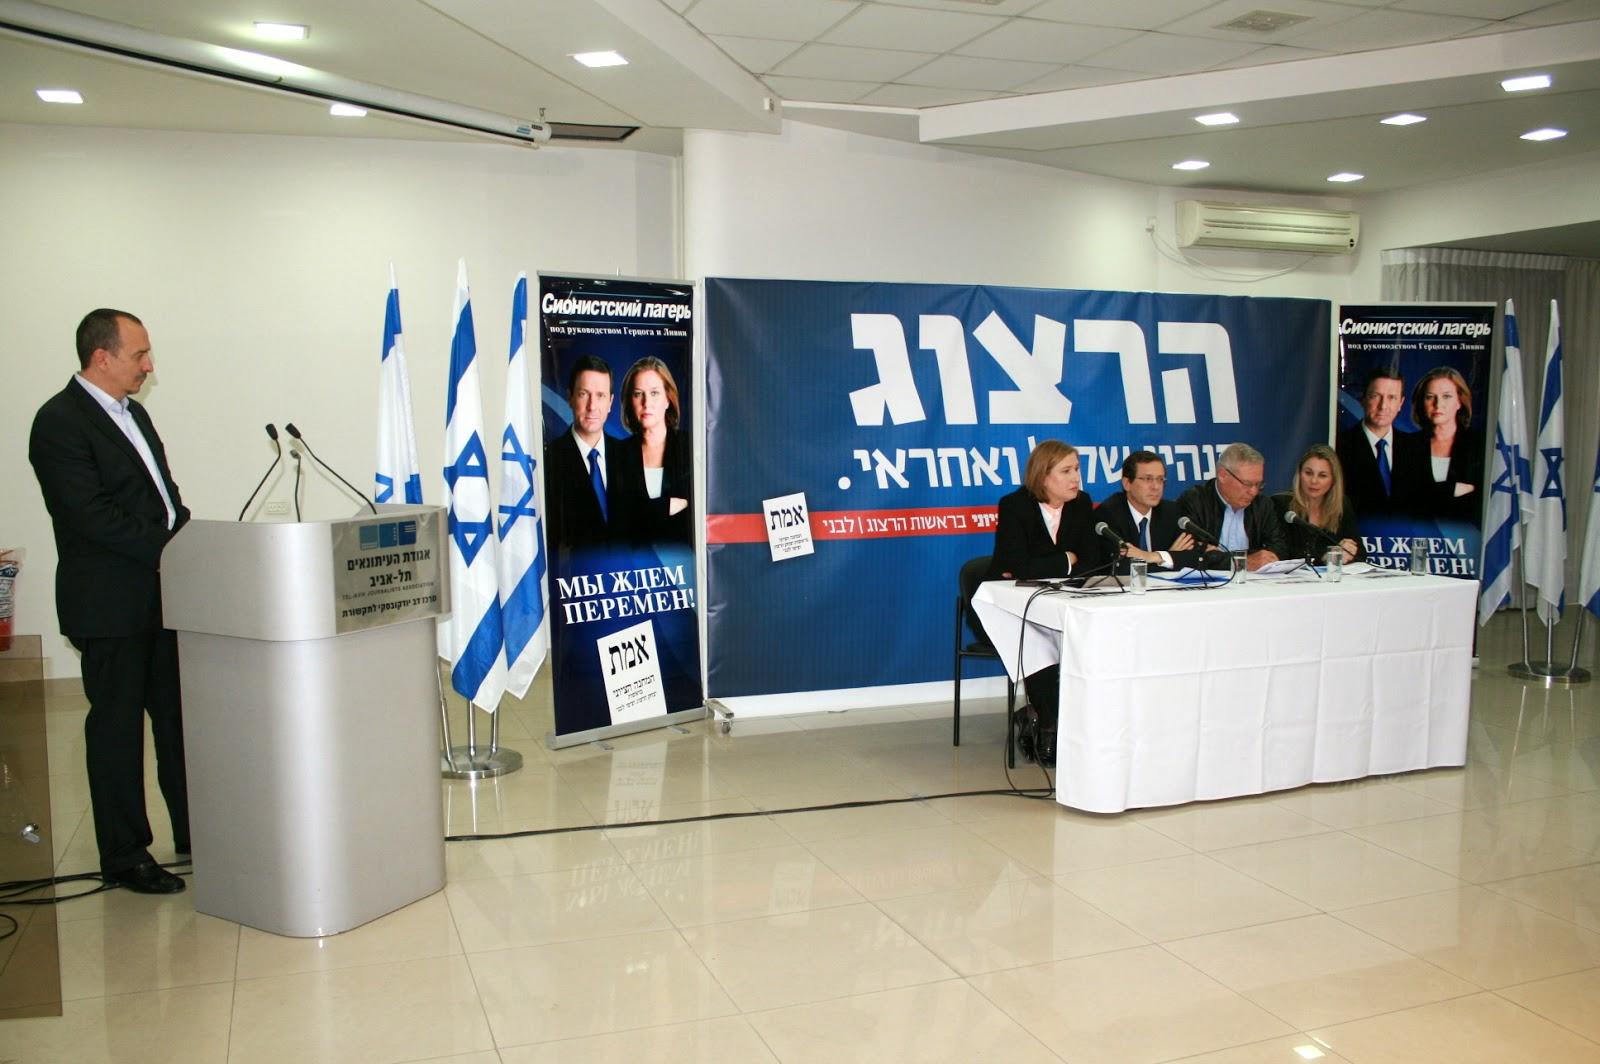 Не левая Ципи Ливни - relevant